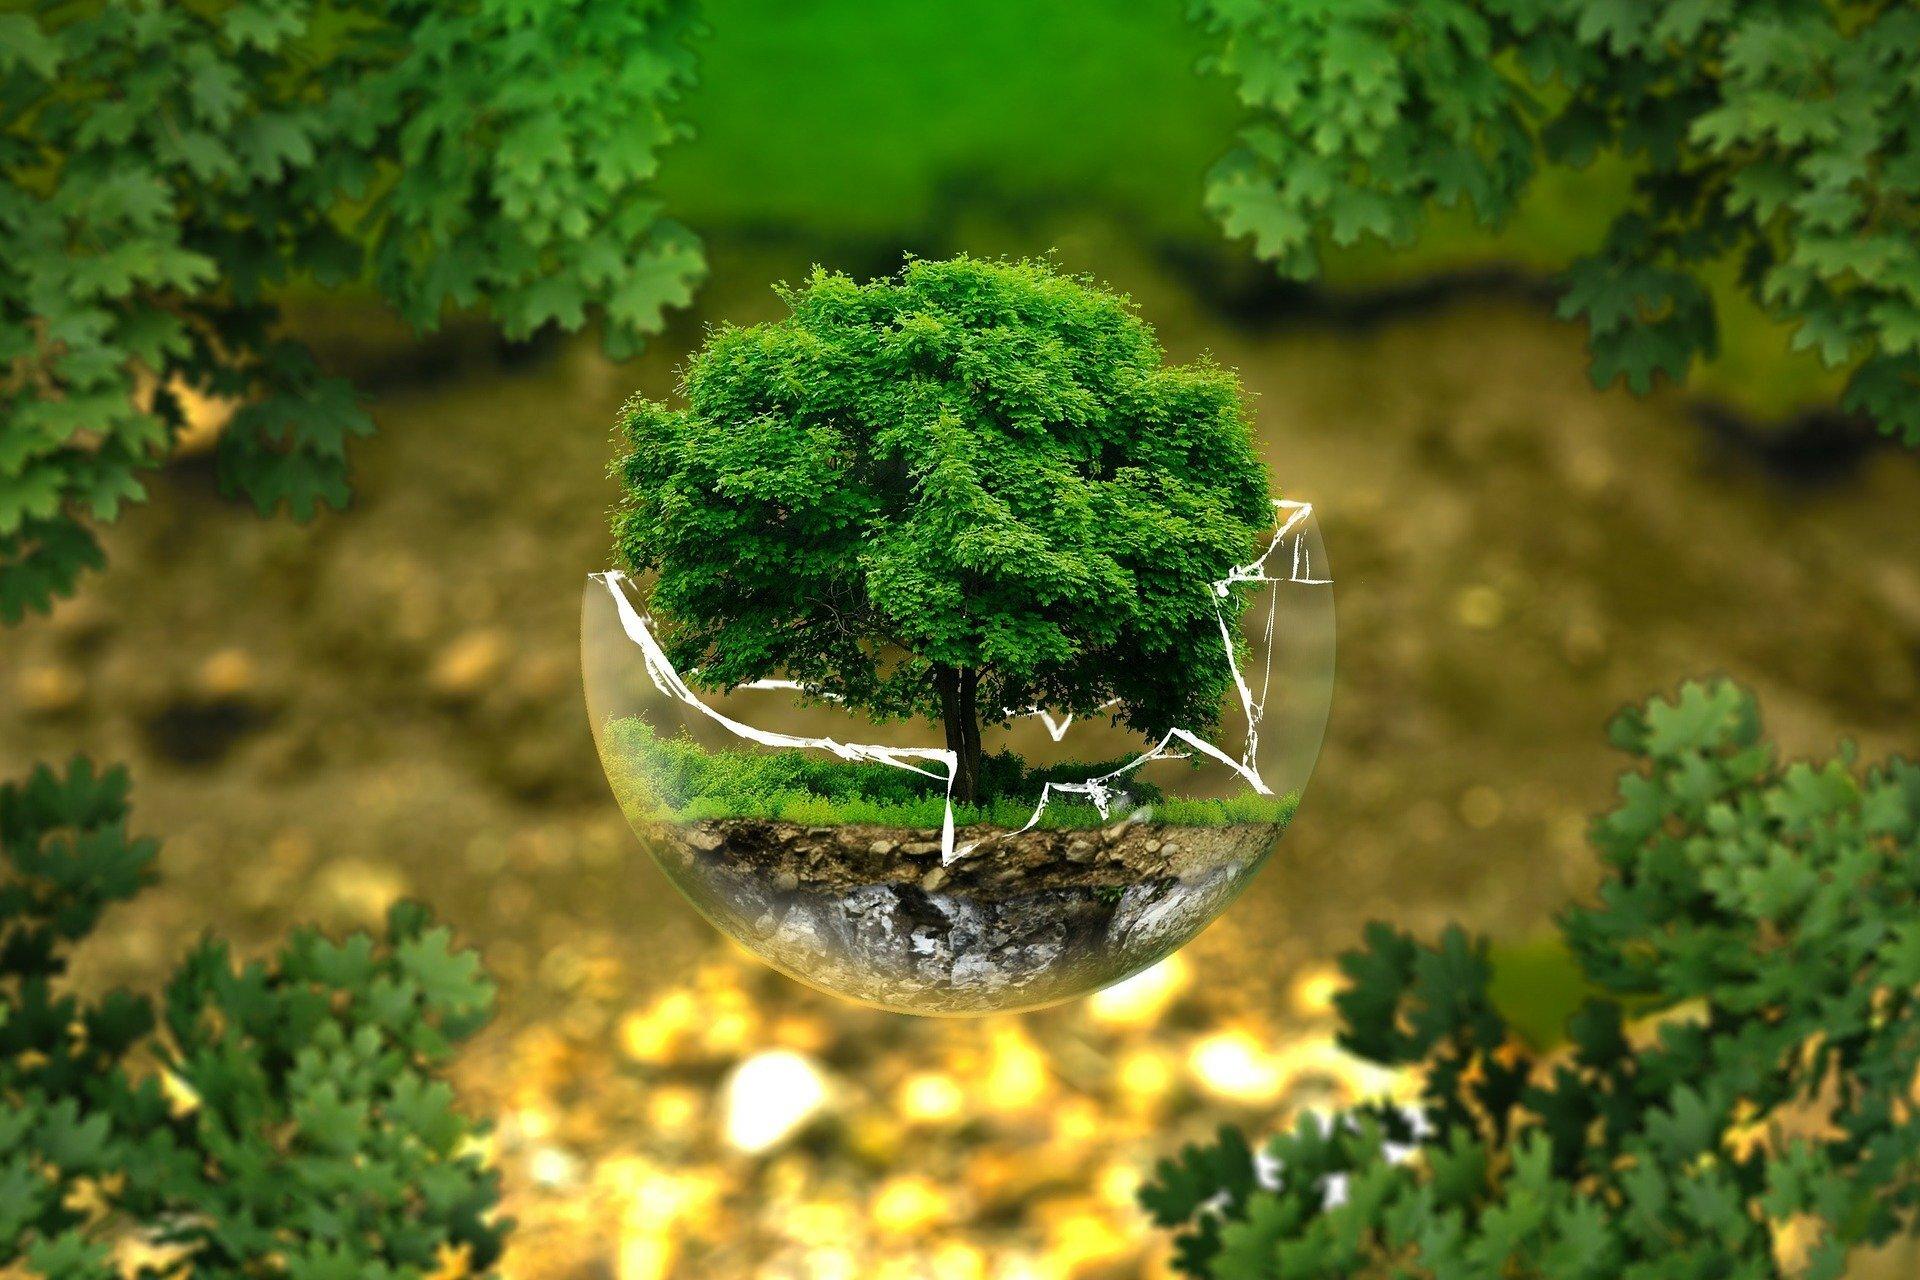 Baum in Glas, Bild von ejaugsburg auf Pixabay